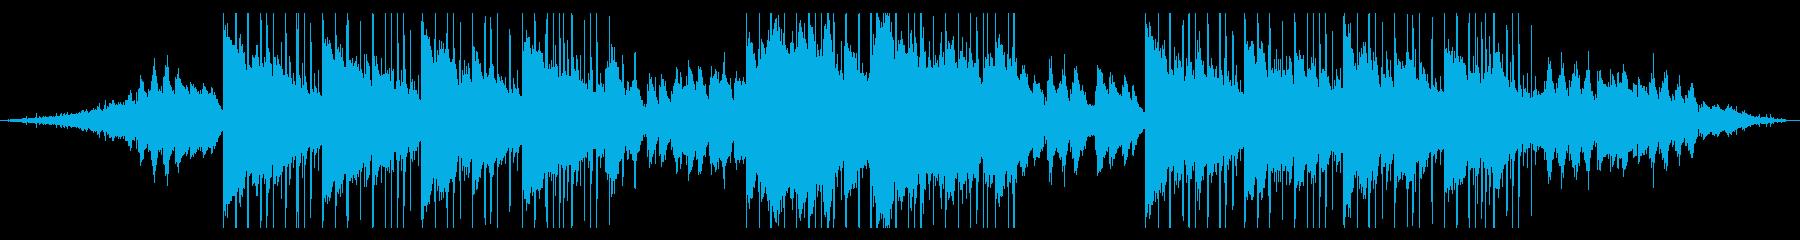 心やすらぐ♪儚く幻想的なチルホップ の再生済みの波形